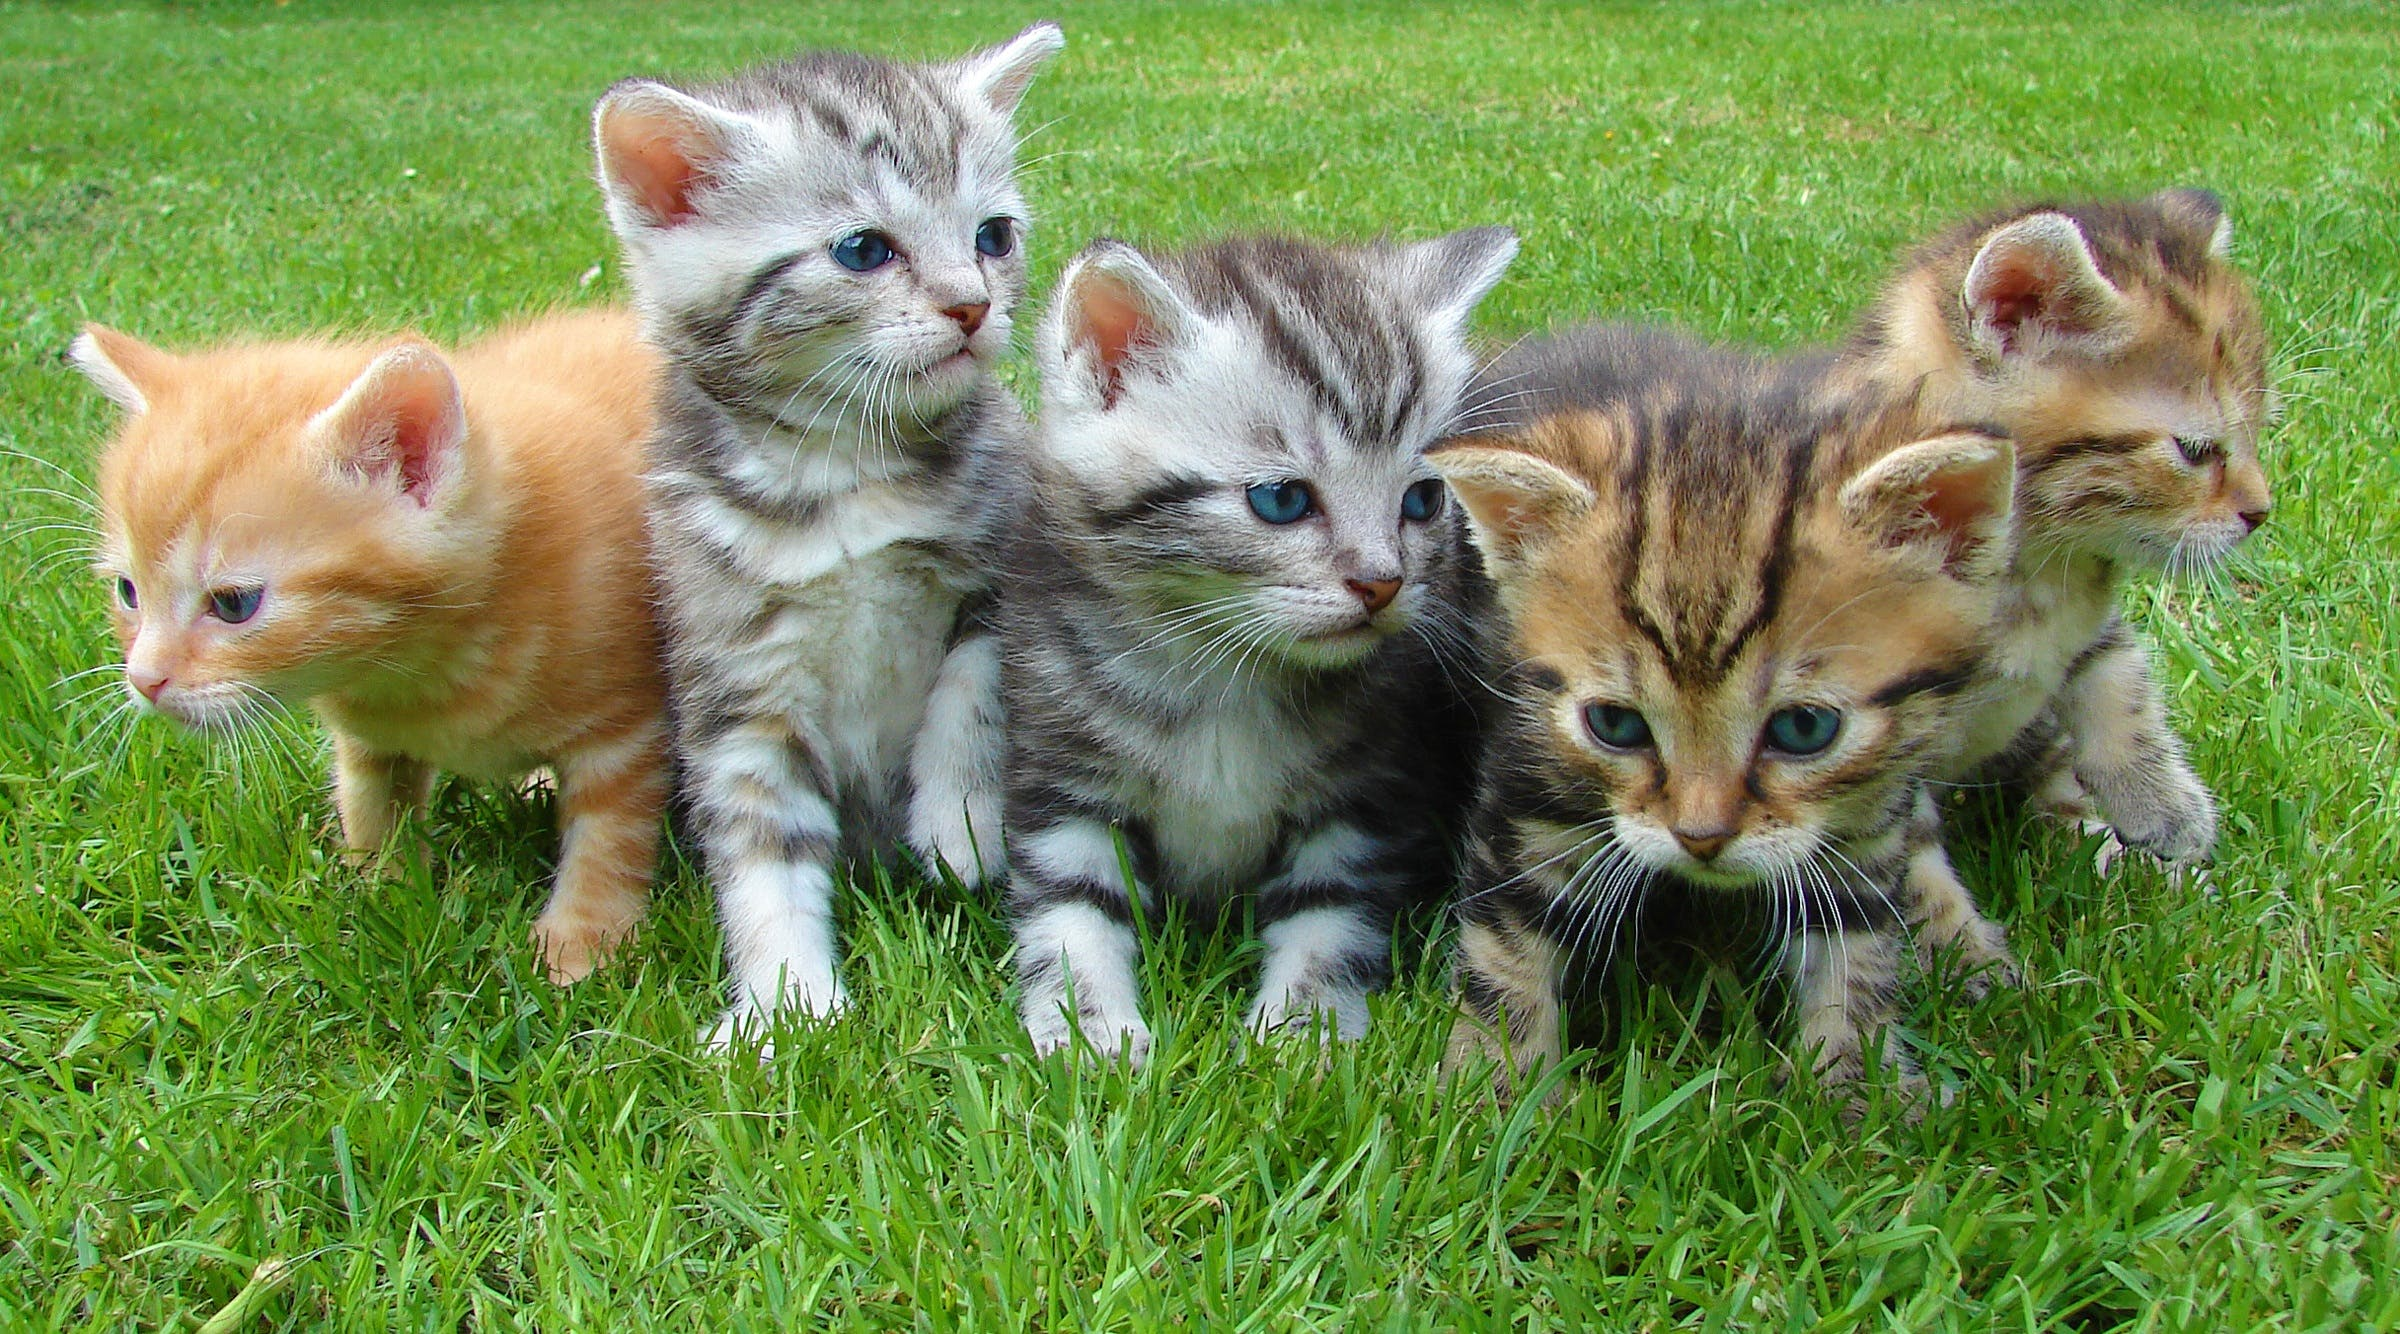 Immagine gratuita di animali, animali domestici, carino, felino